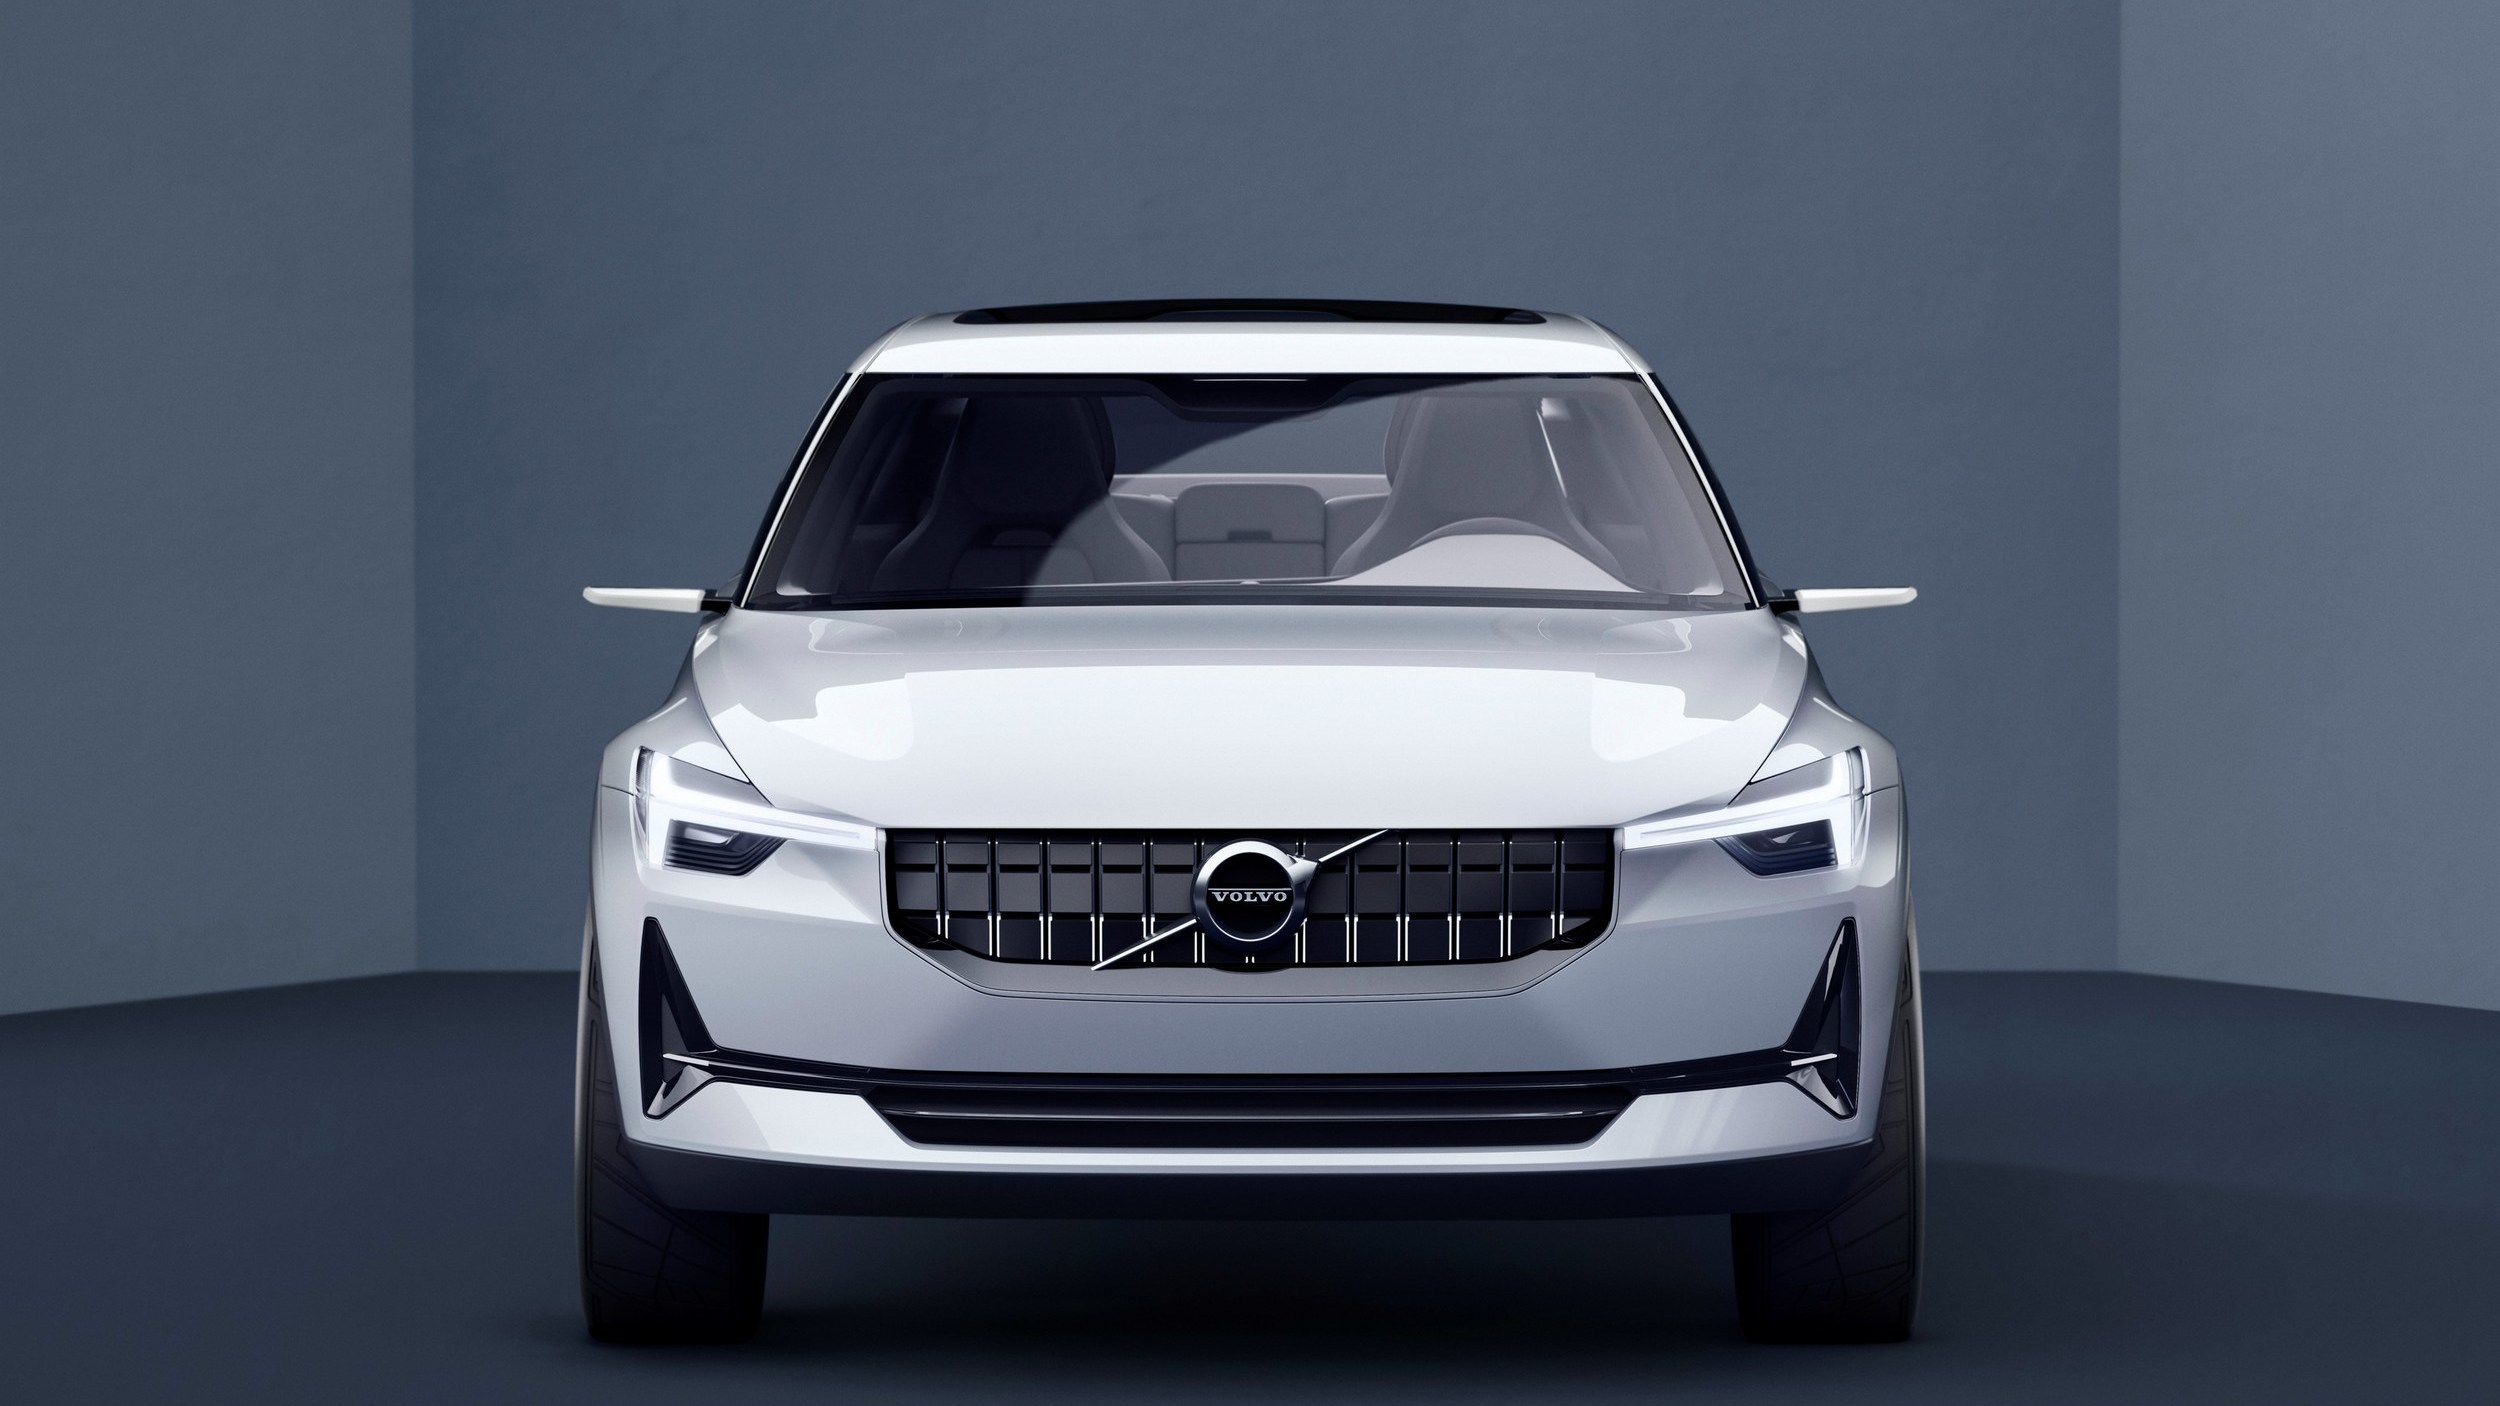 Volvo concept